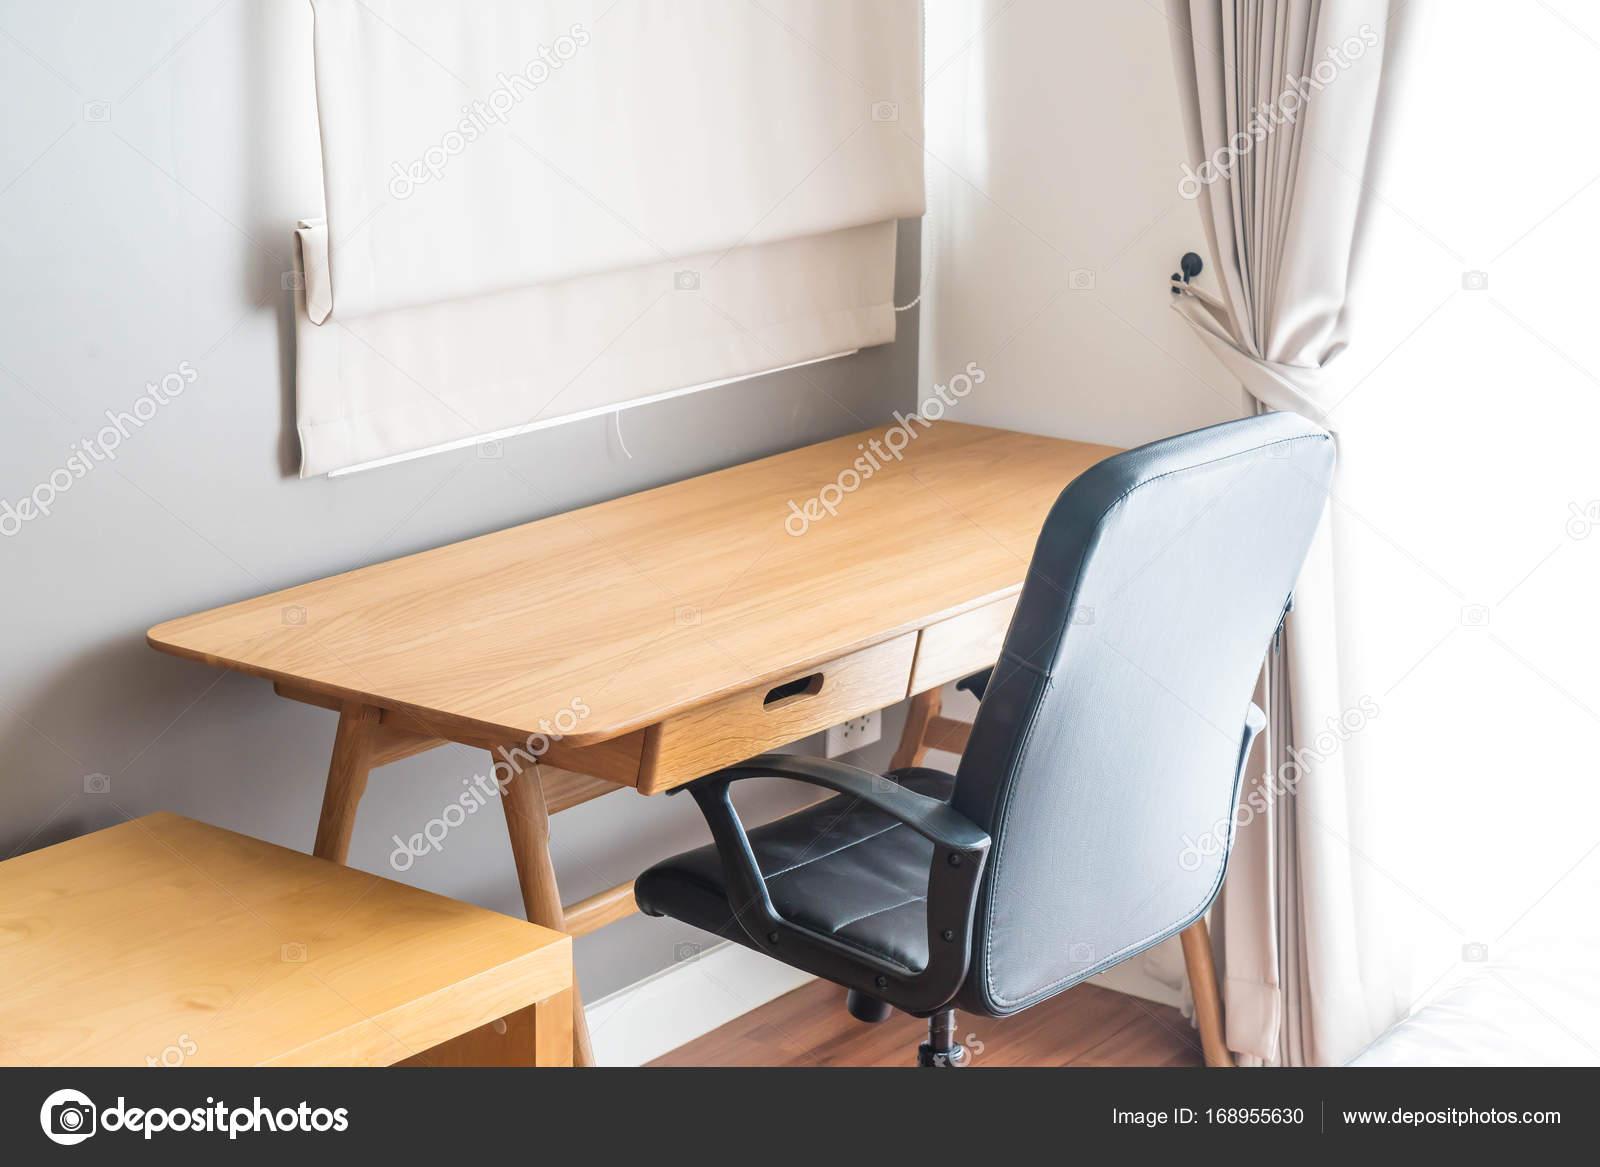 Tisch und Stuhl - Arbeitsplatz zu Hause — Stockfoto © topntp #168955630